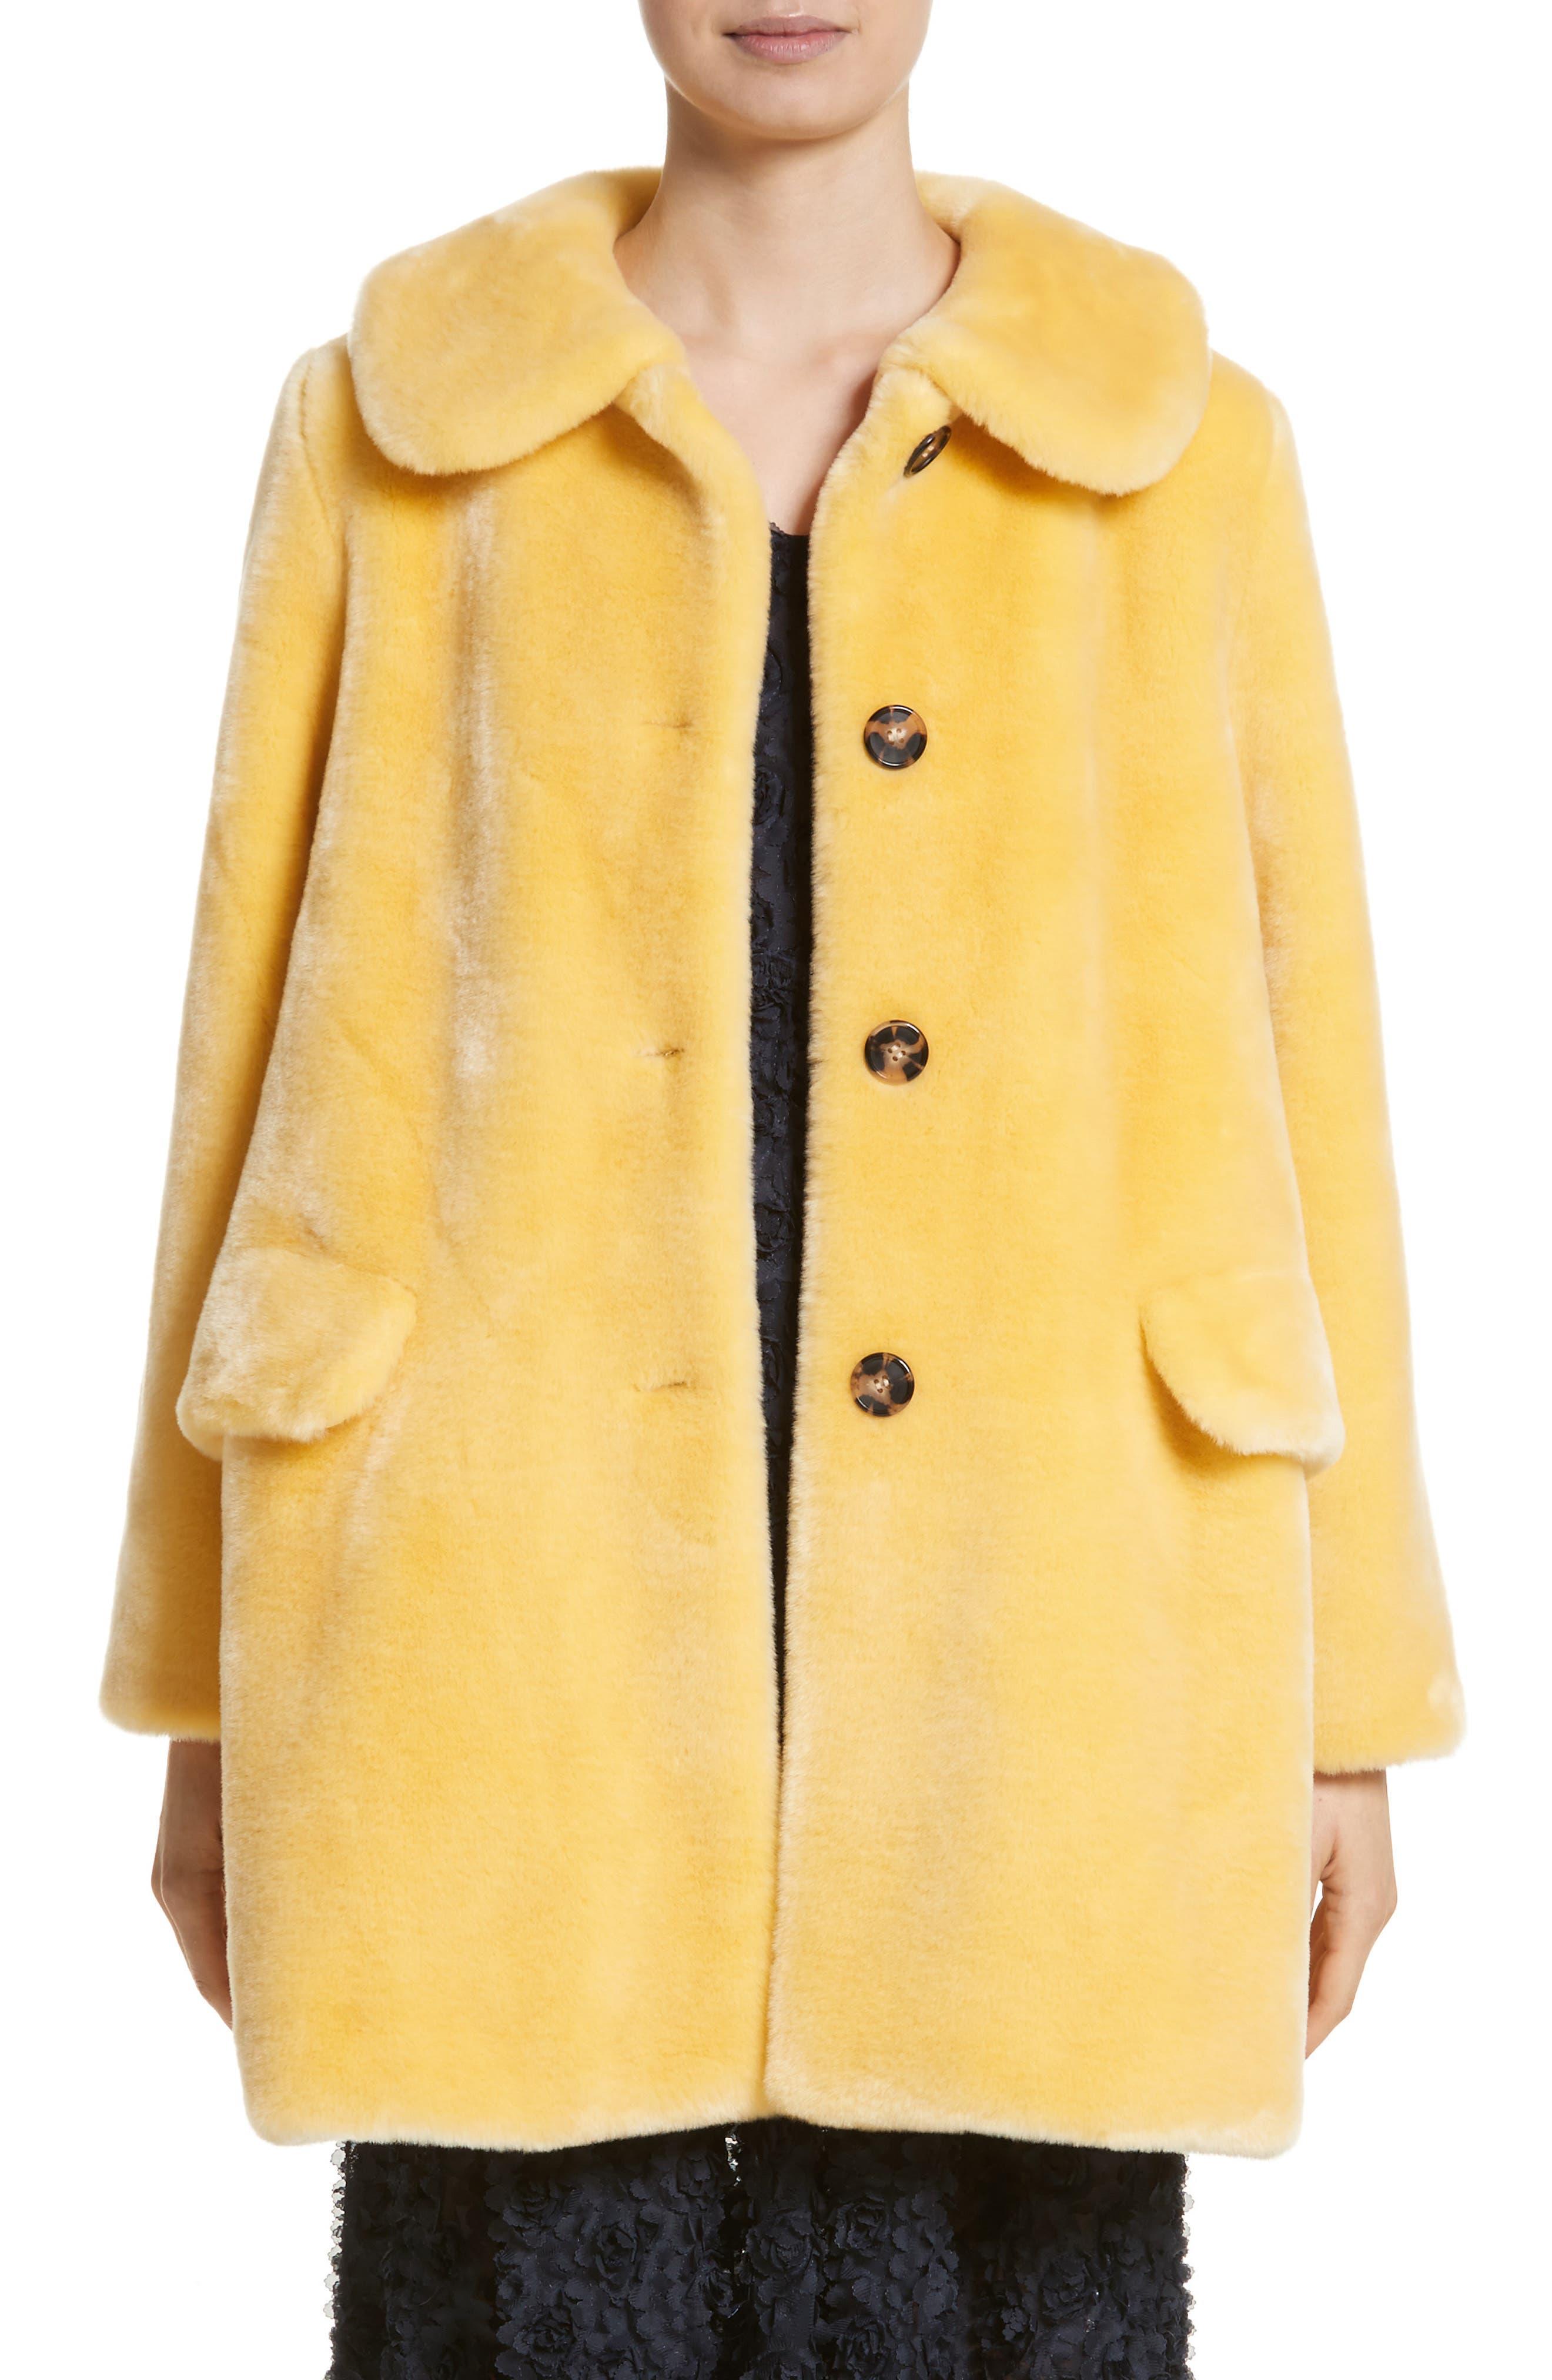 Pyrus Oversized Faux Fur Coat,                             Main thumbnail 1, color,                             700